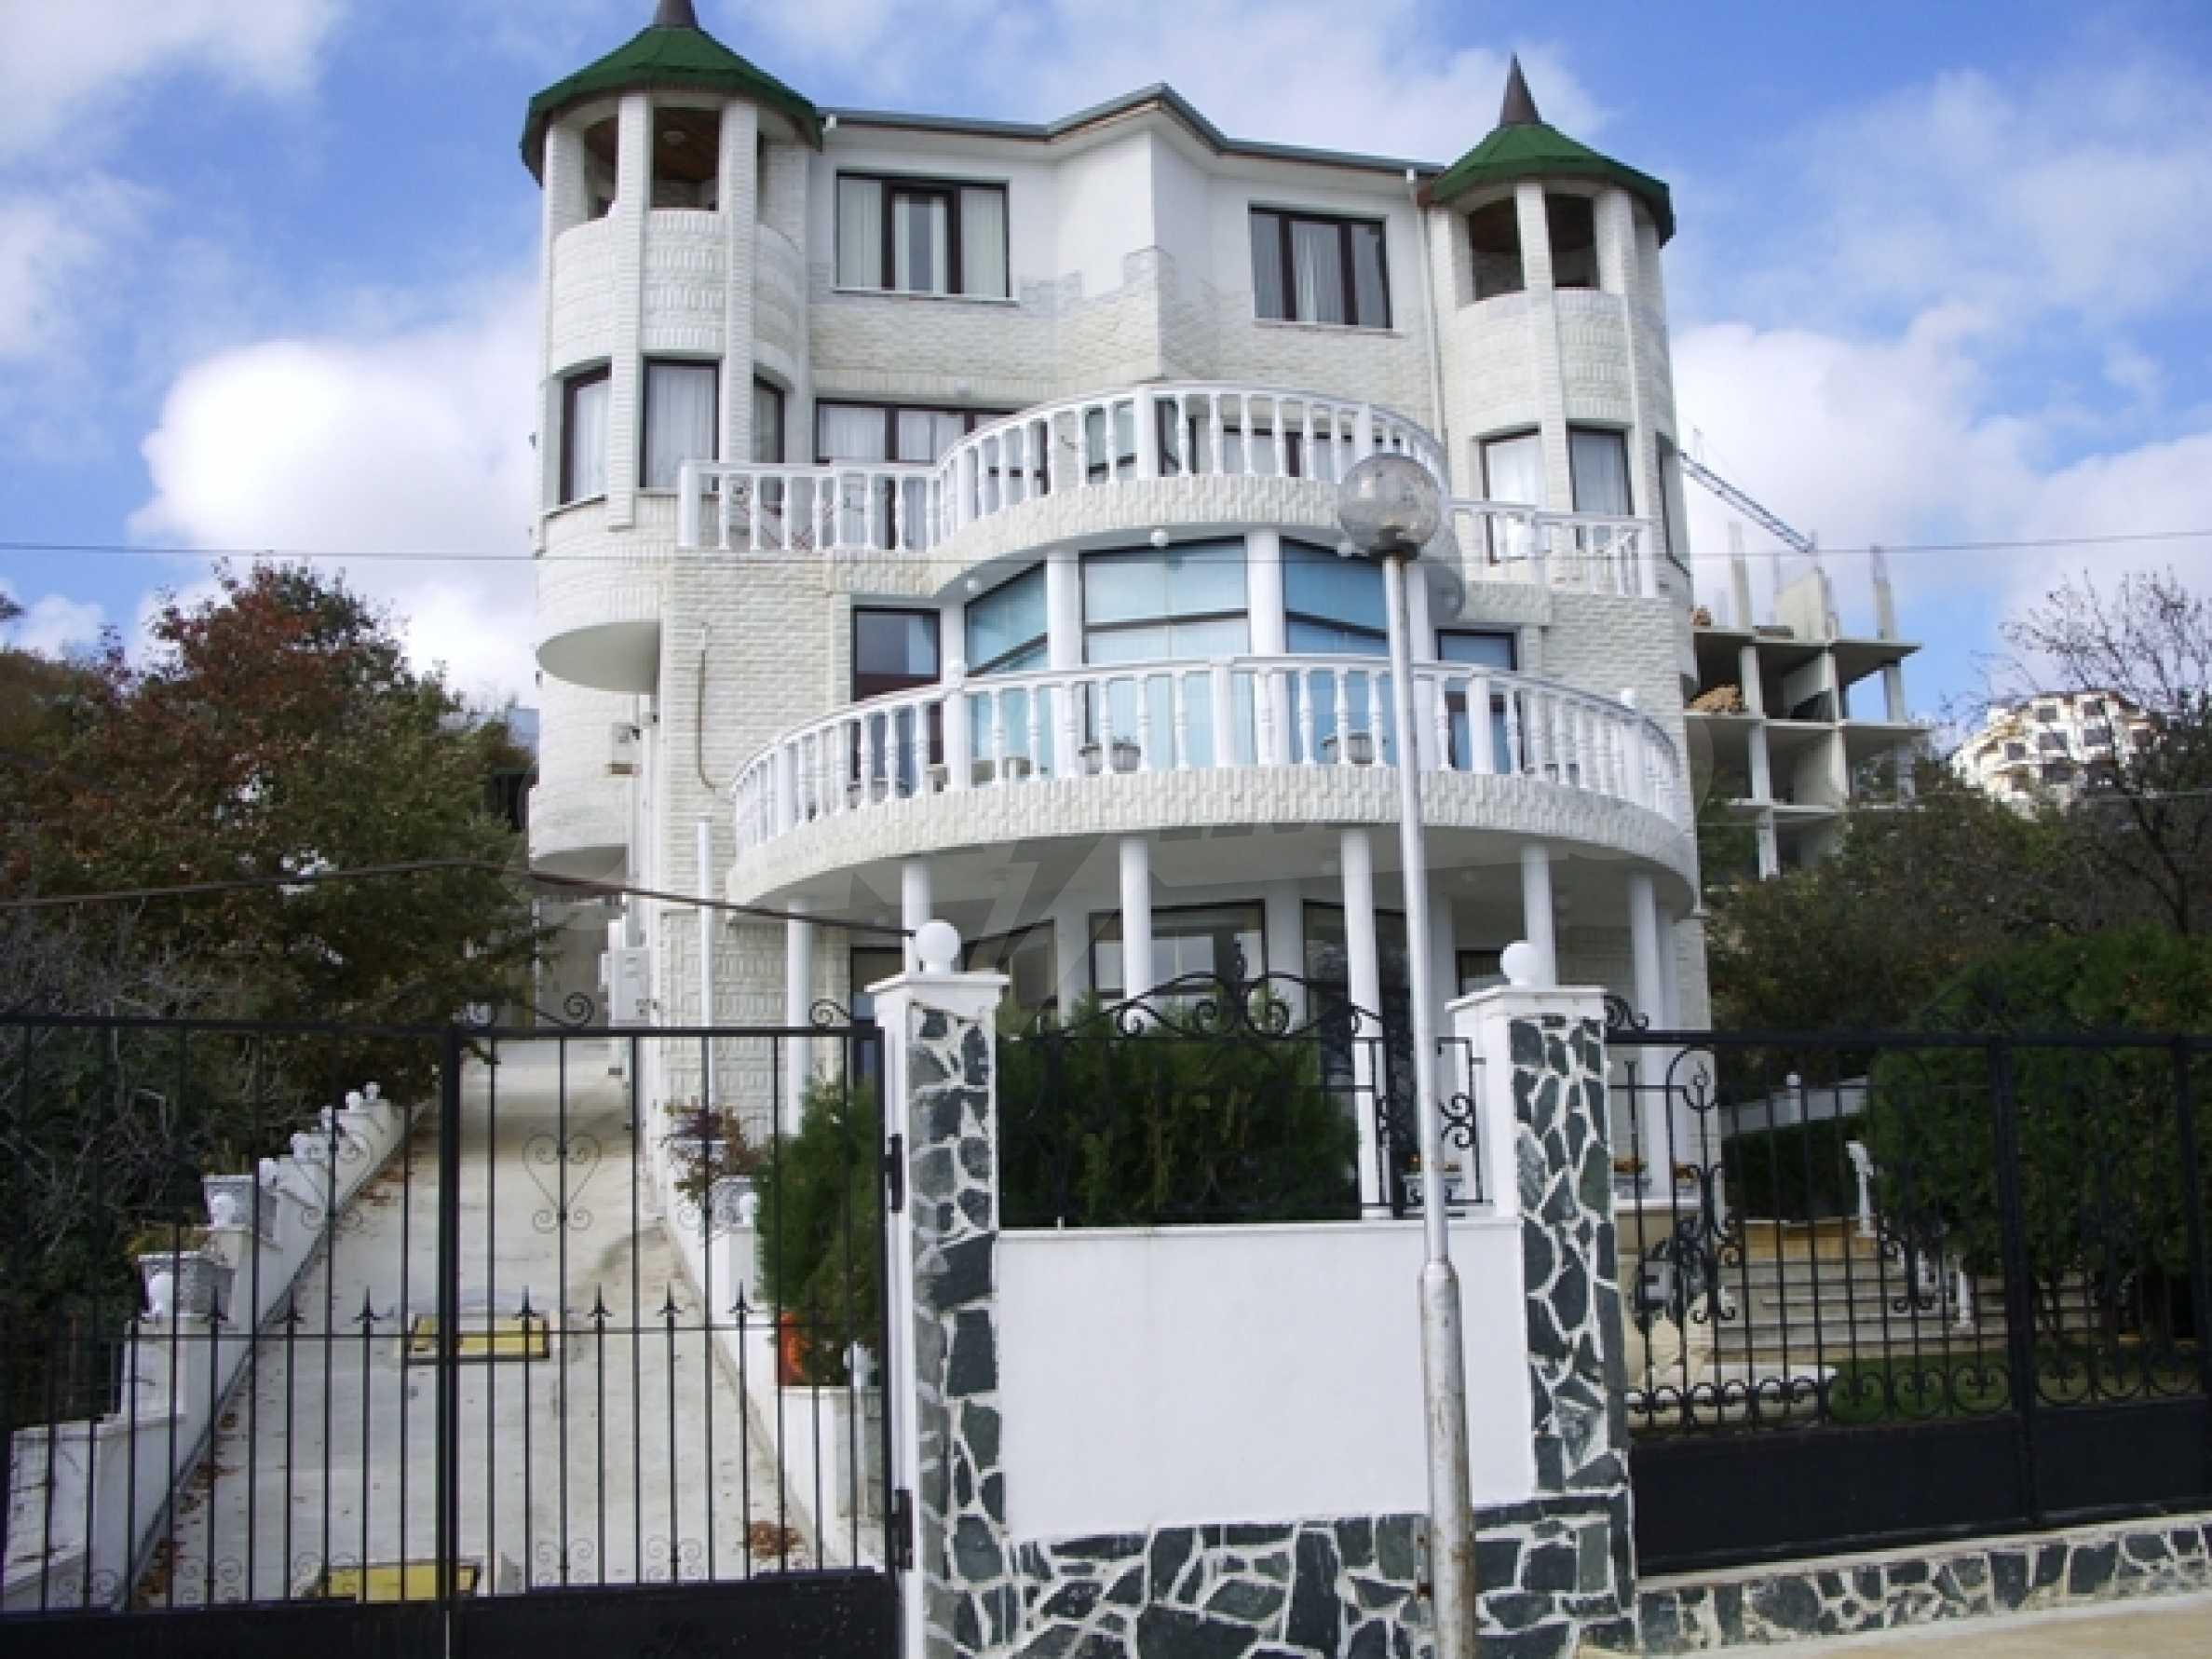 Семеен хотел и хотел-ресторант на първа линия море, до плаж Кабакум 1